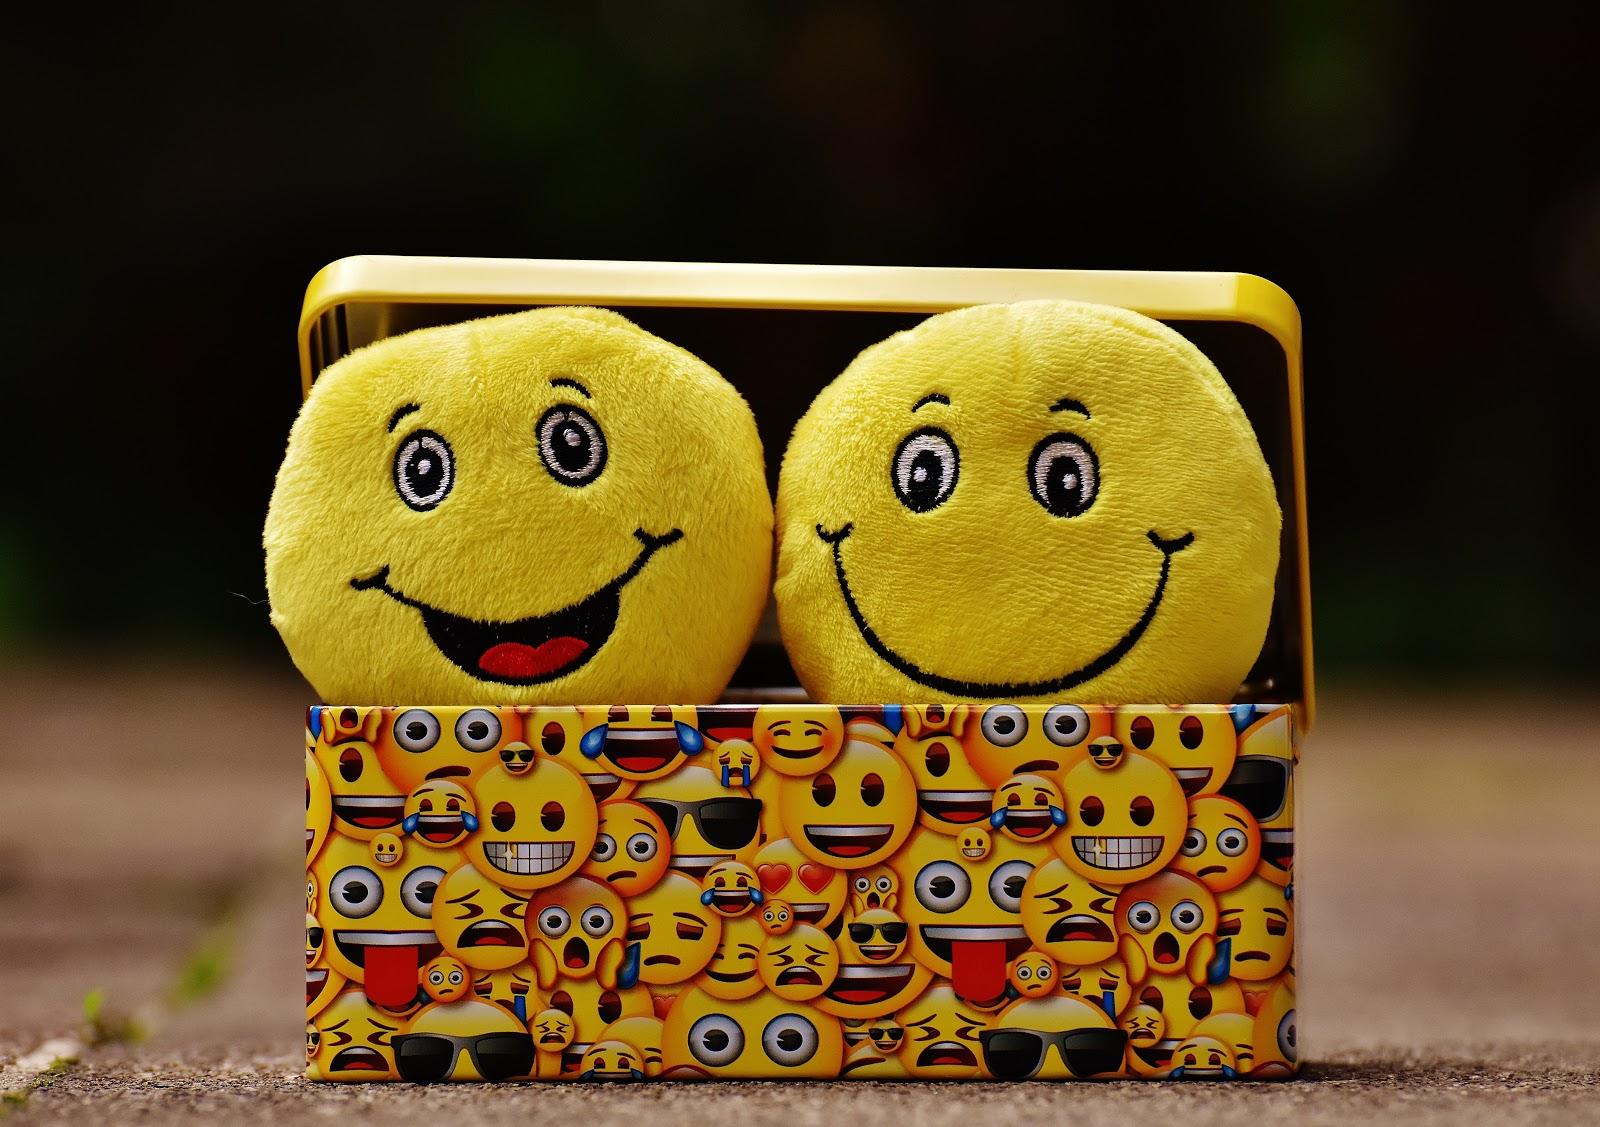 אימוג'י מחייך בתוך קופסא